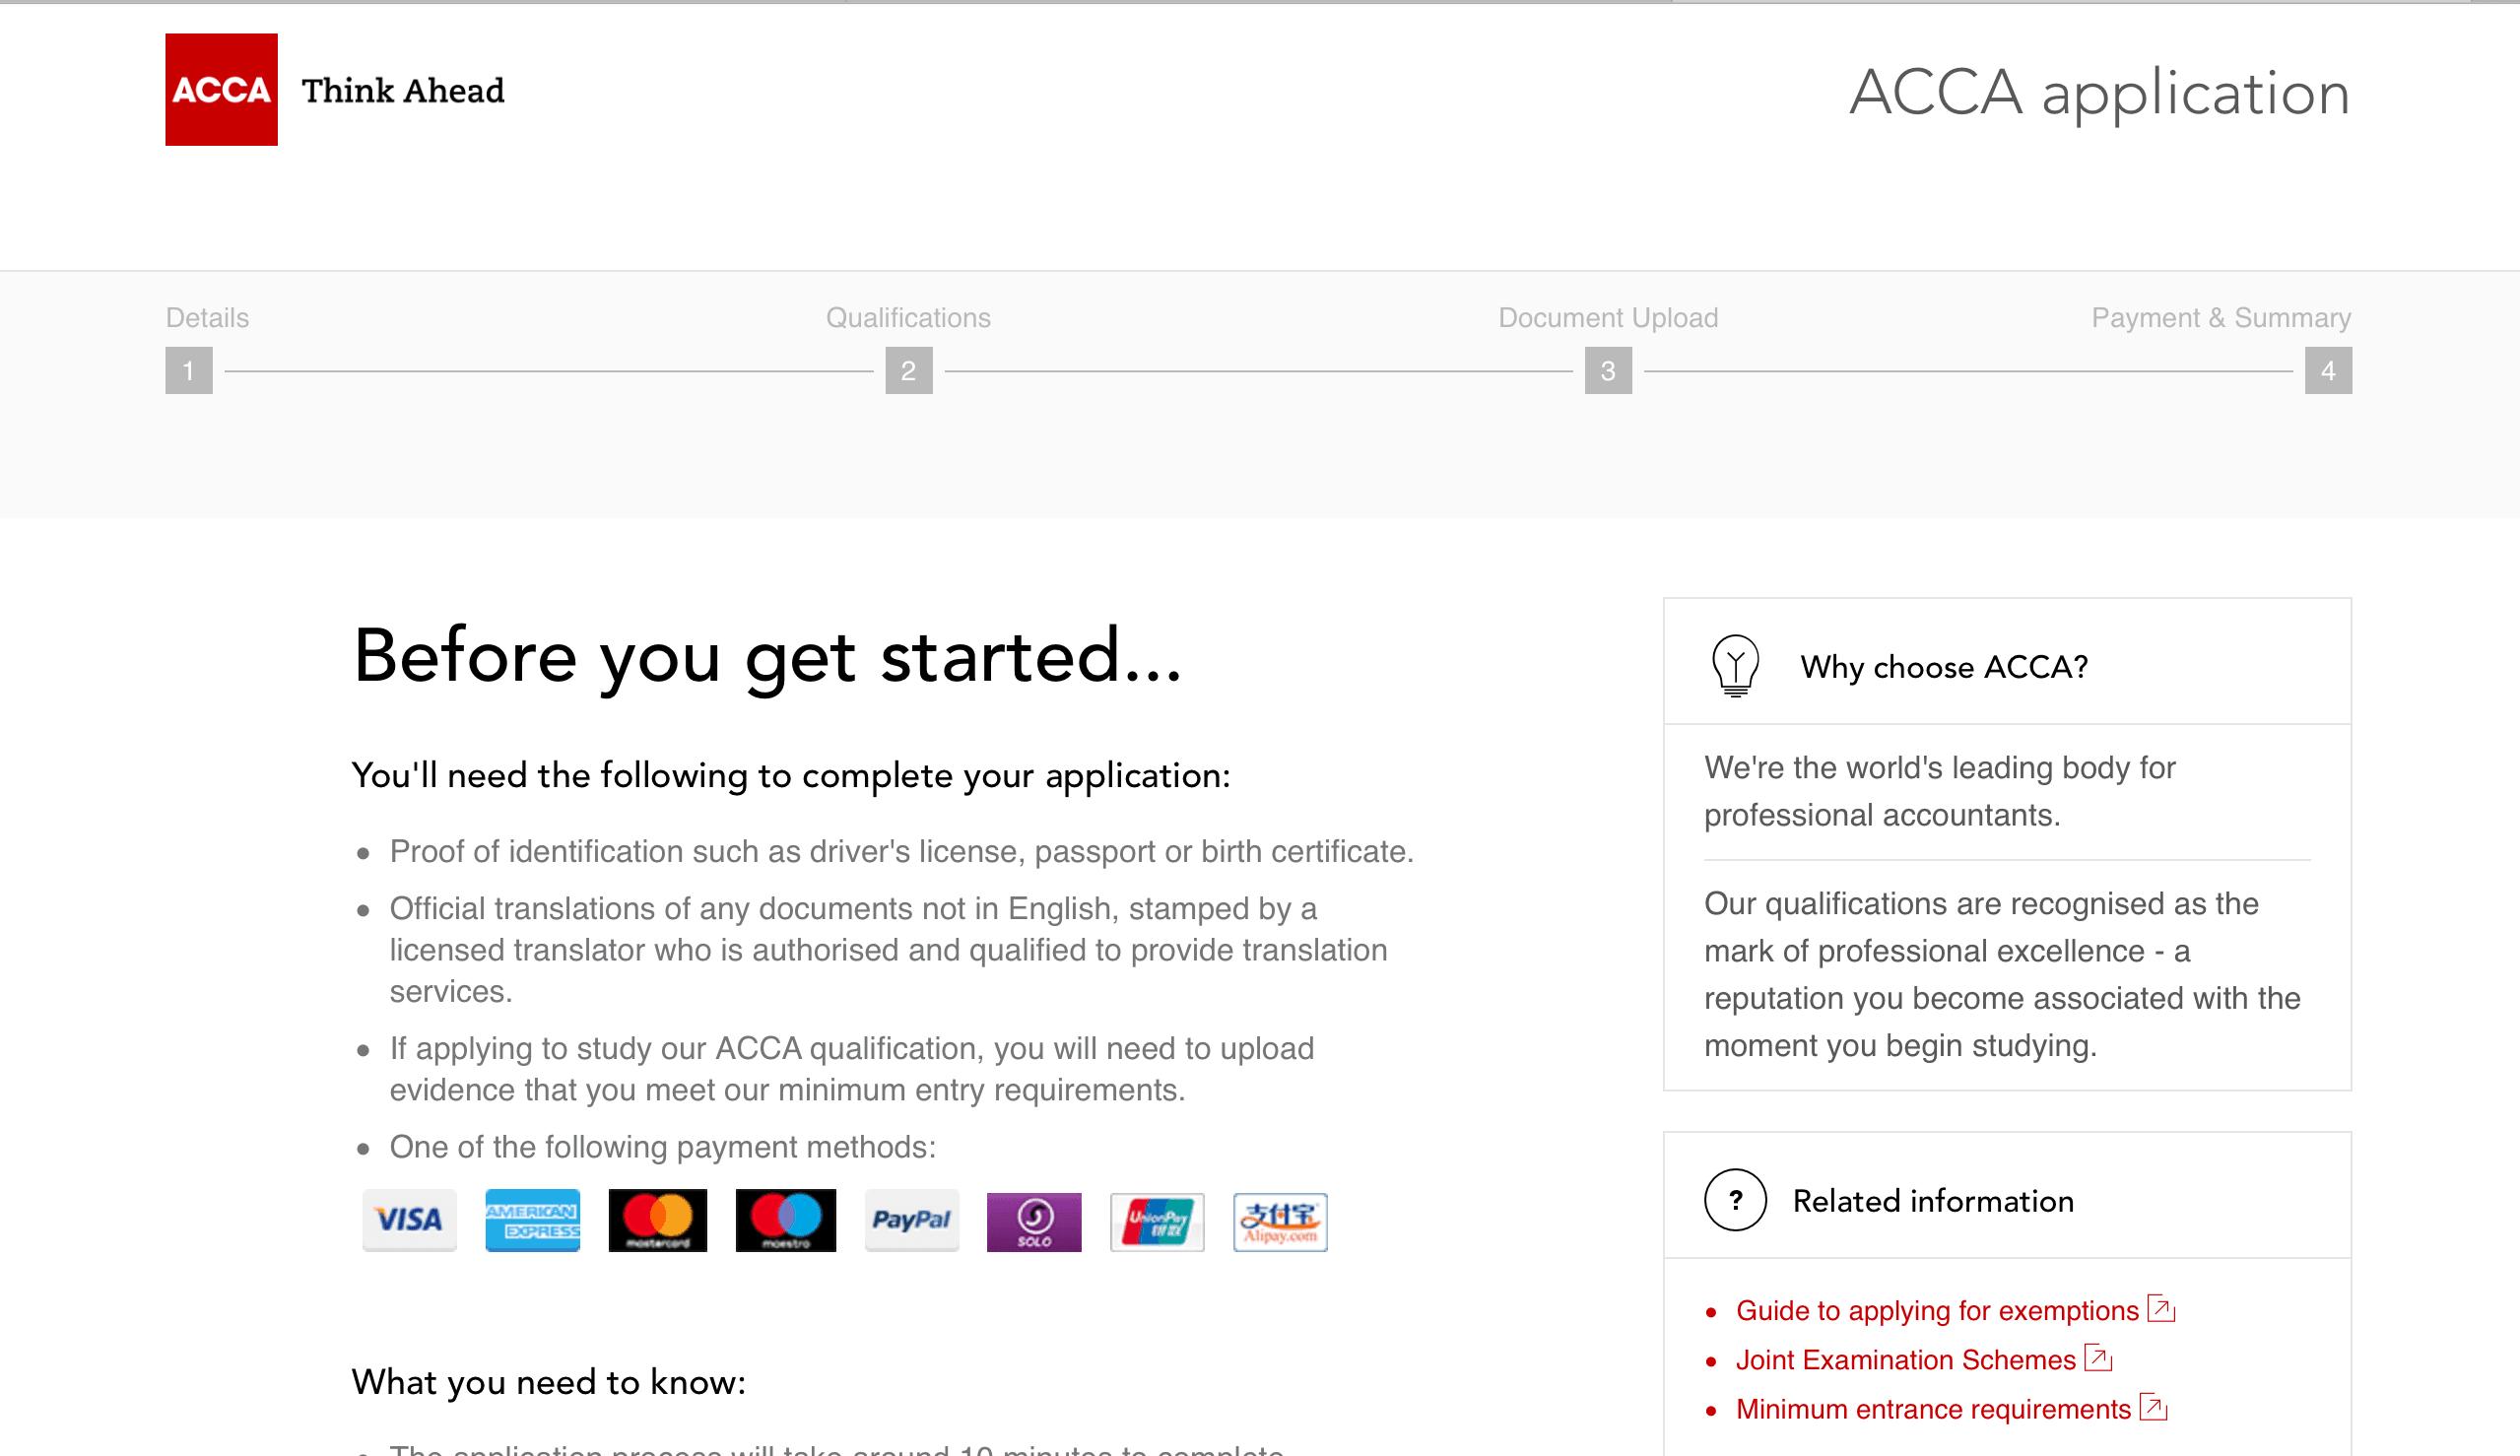 Đăng ký thi ACCA như thế nào